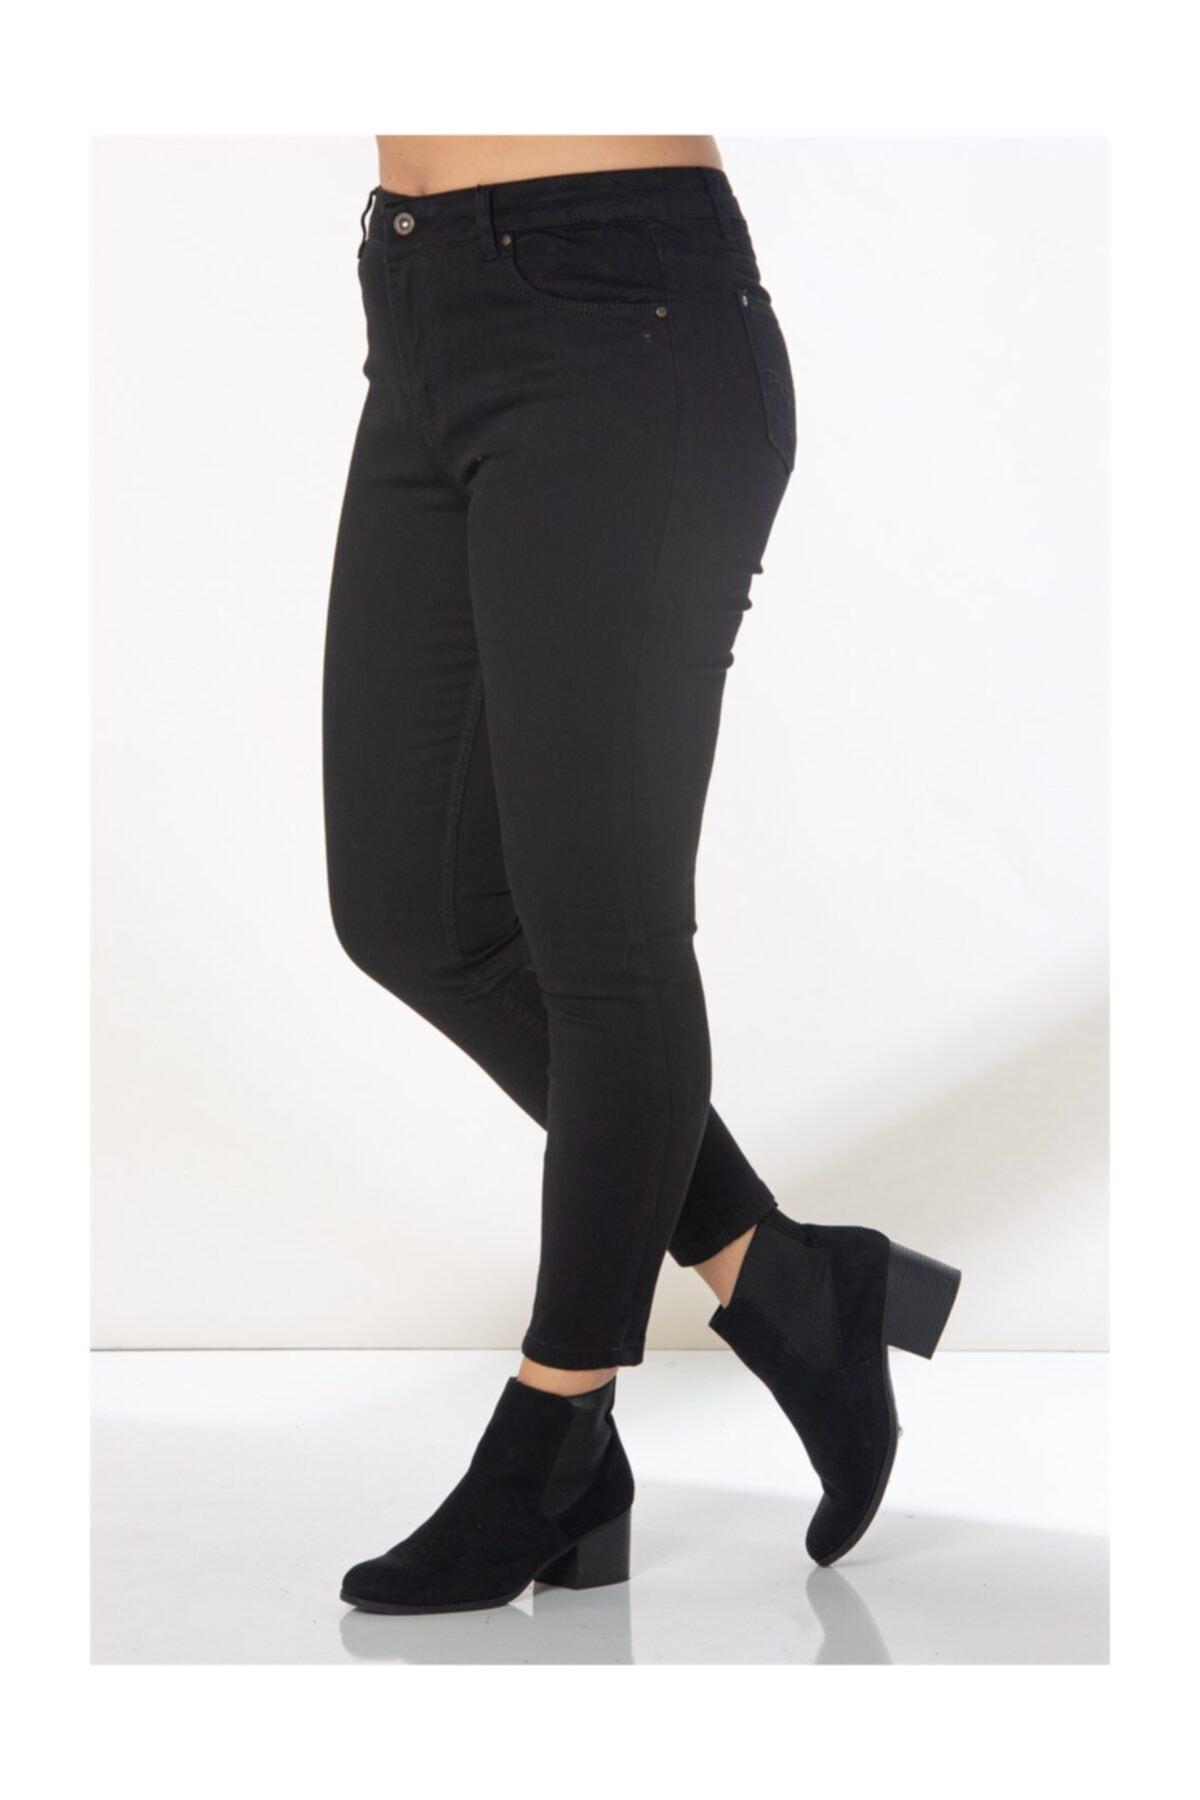 RMG Kadın Siyah Kot Pantolon 1465 2